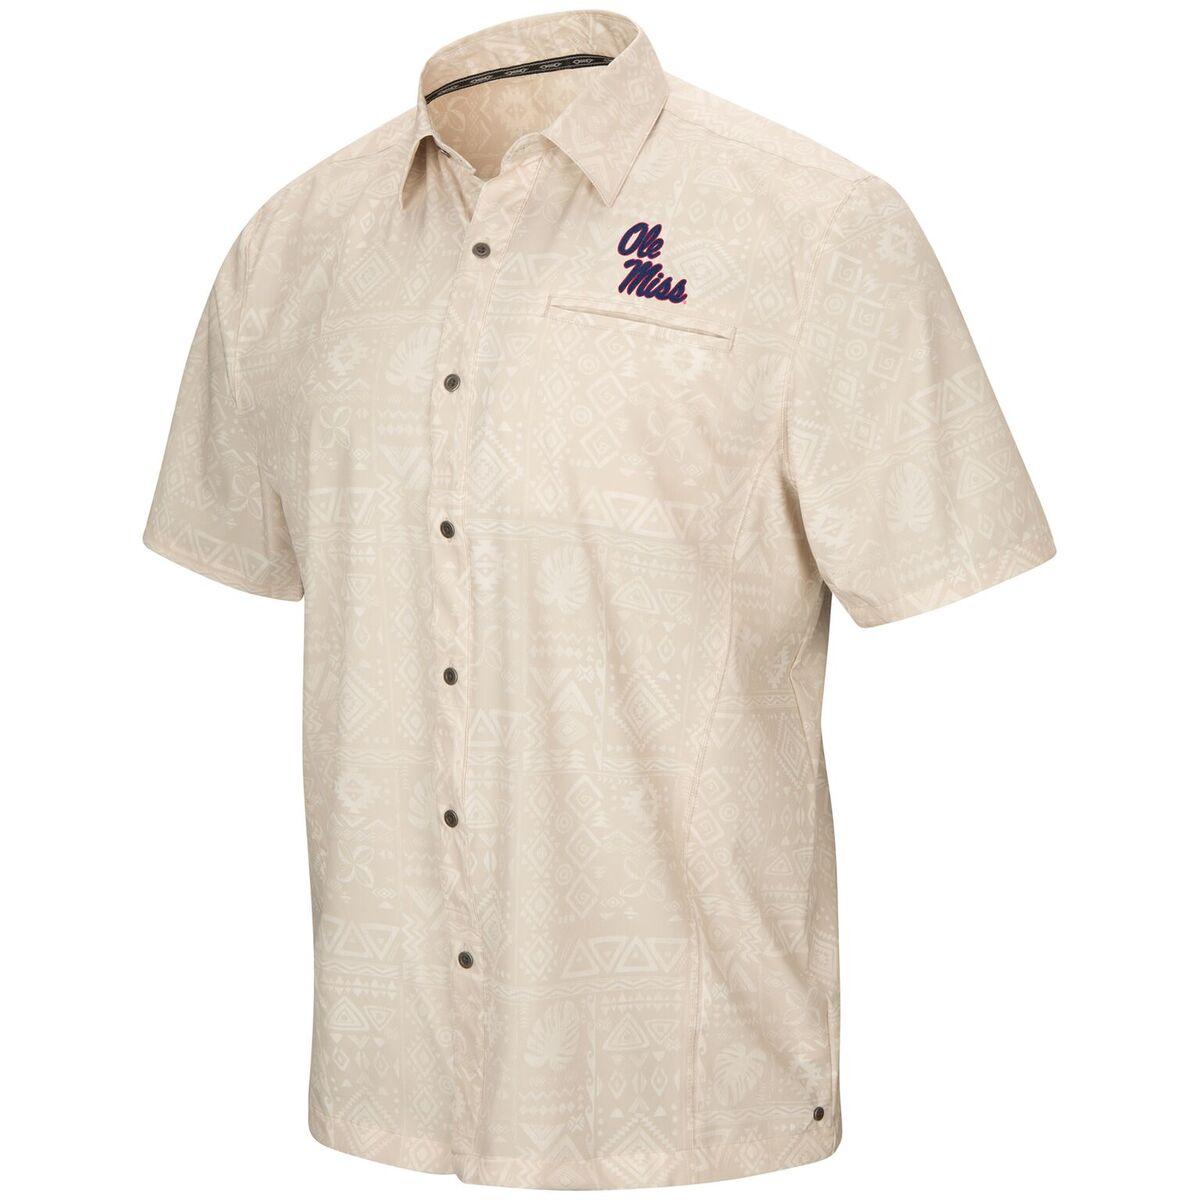 Chiliwear Larry Camp Shirt Light Khaki